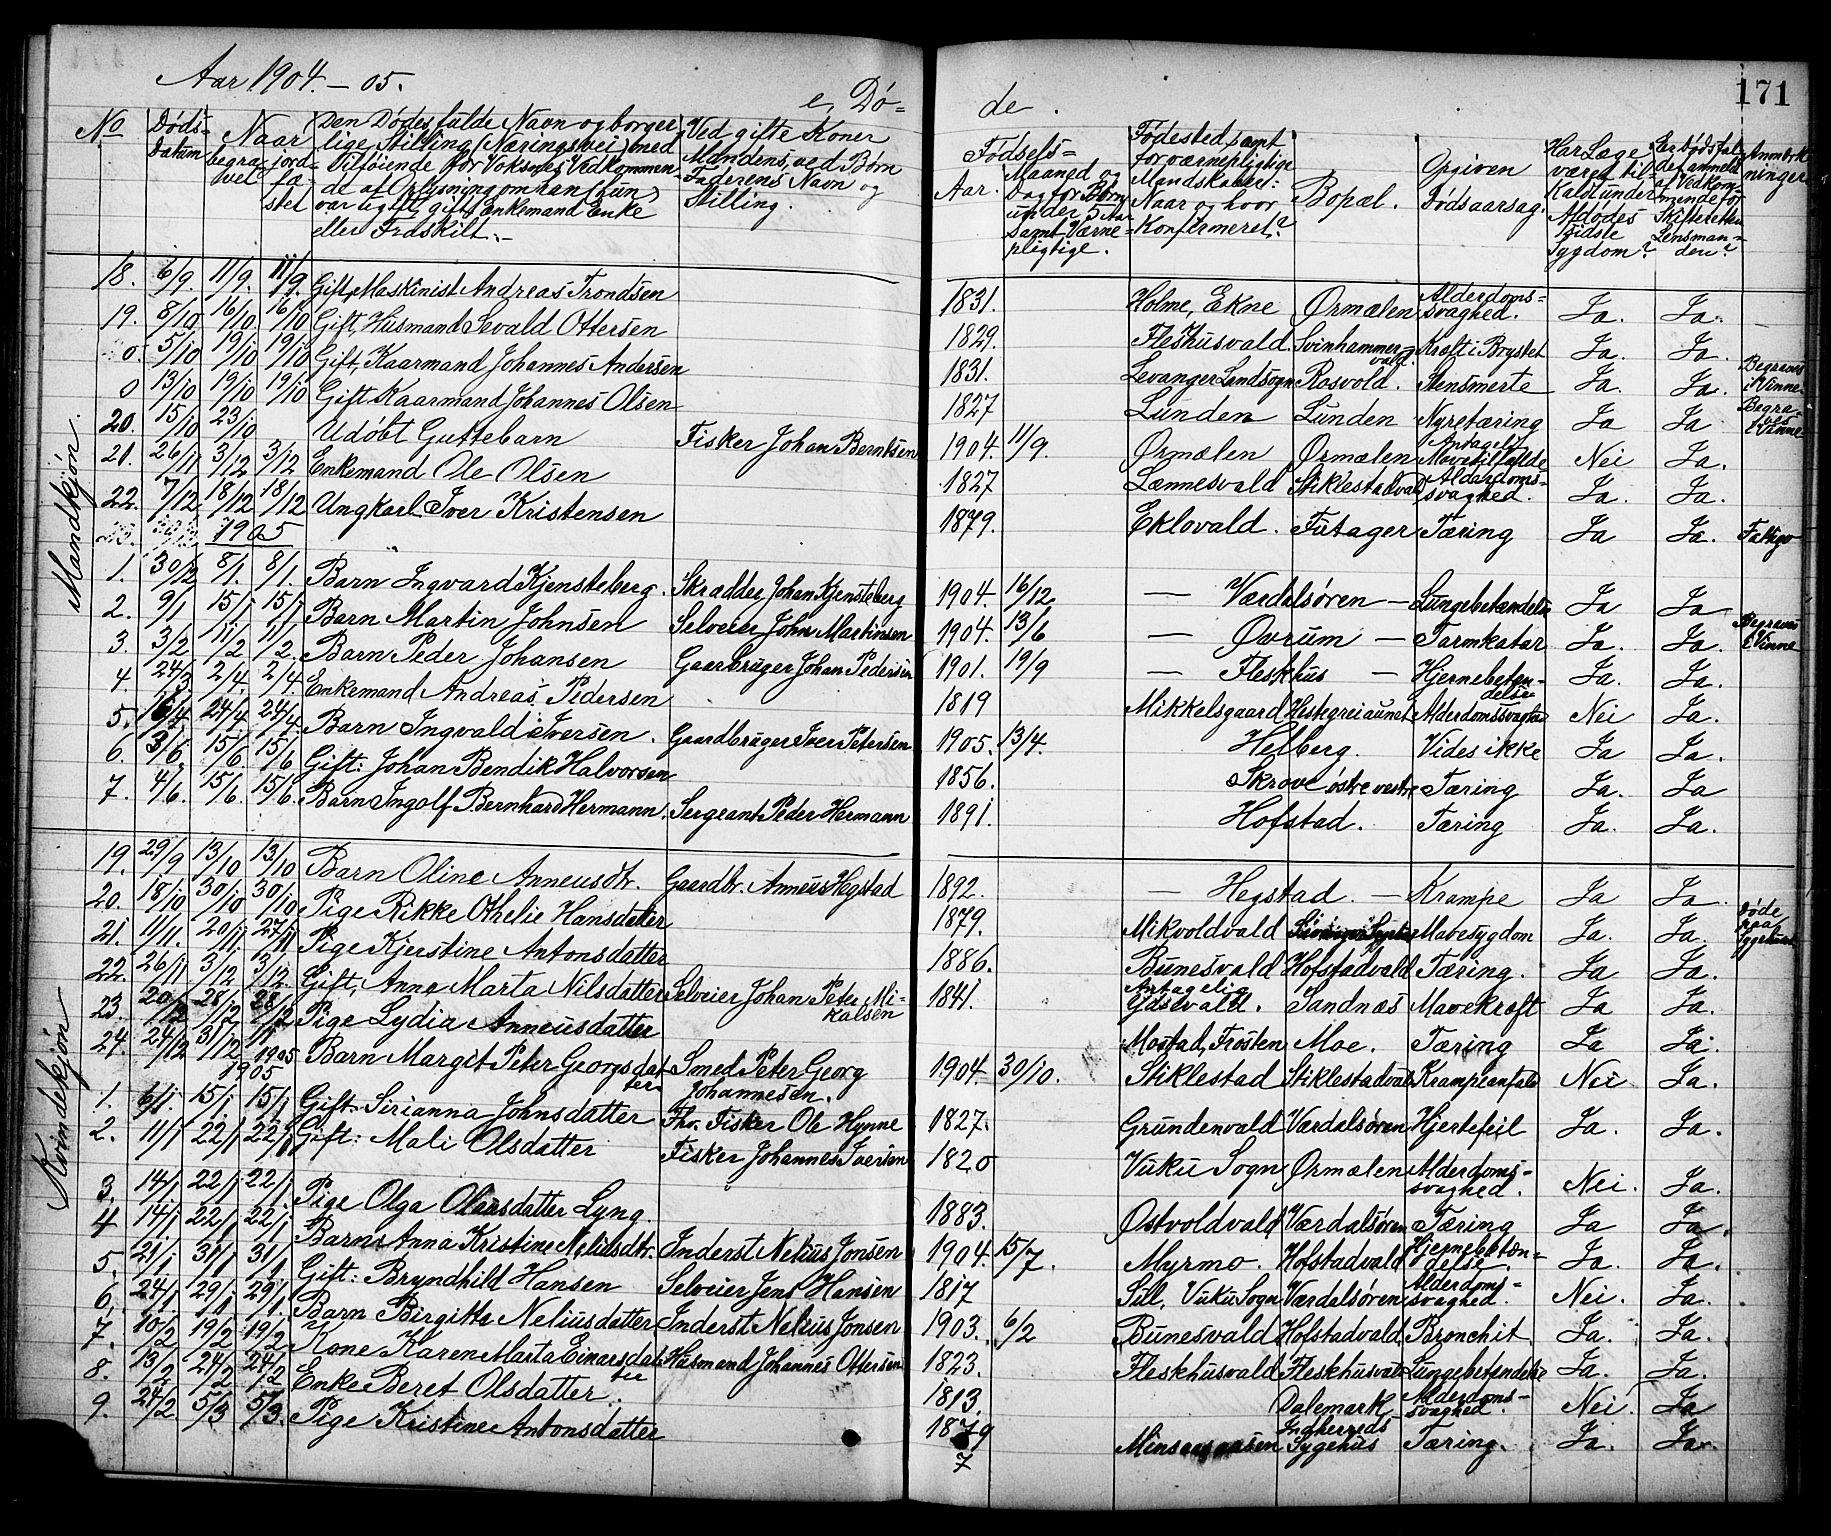 SAT, Ministerialprotokoller, klokkerbøker og fødselsregistre - Nord-Trøndelag, 723/L0257: Klokkerbok nr. 723C05, 1890-1907, s. 171